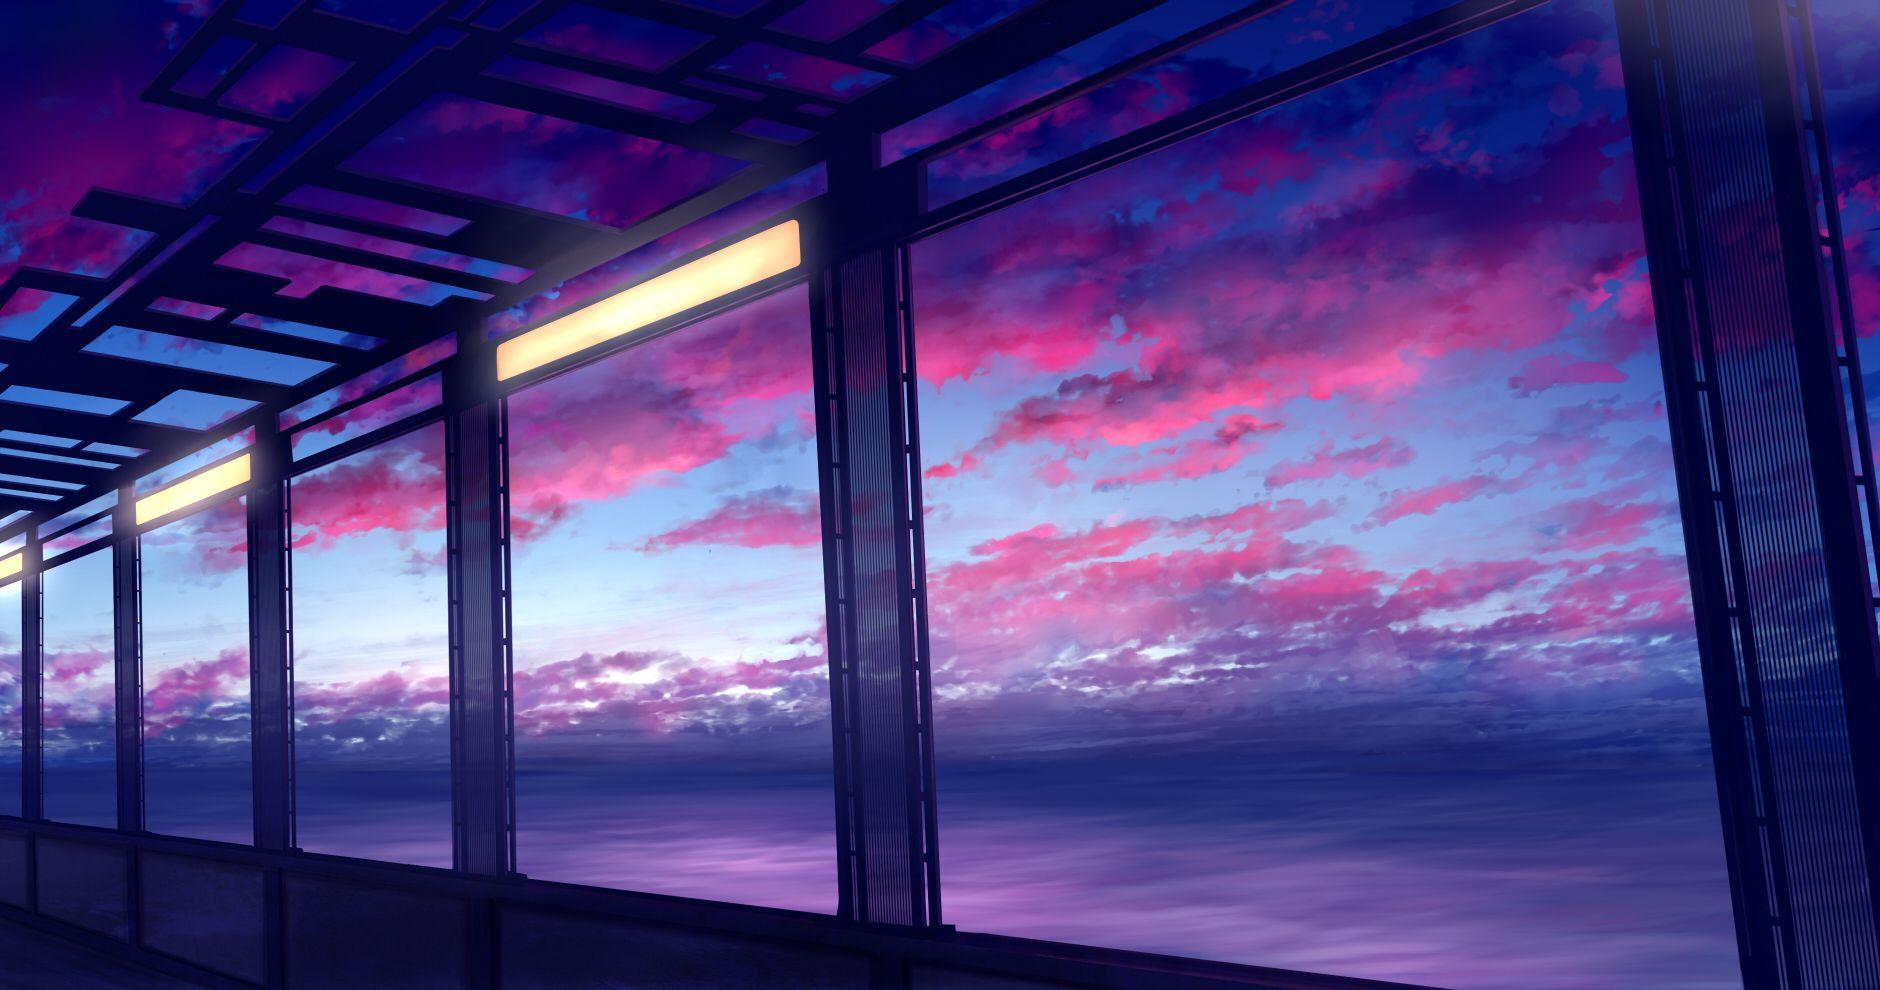 Pinterest Sunset Wallpaper Aesthetic Wallpapers Purple Aesthetic